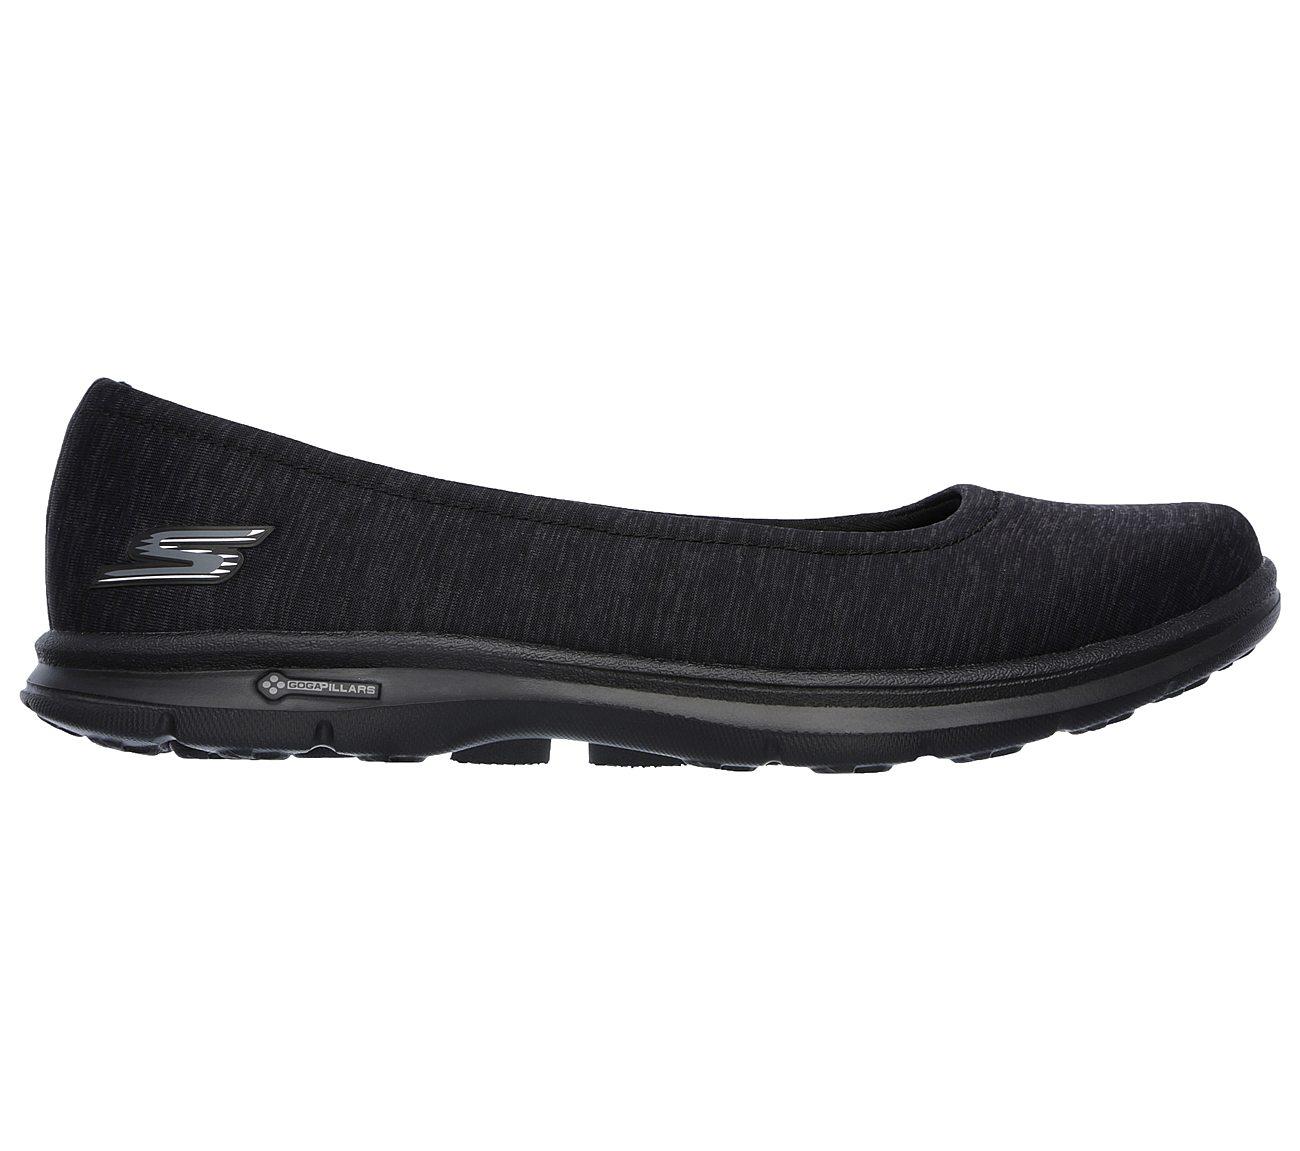 Go Step Distinguish Womens Slip On Ballet Flat Sneakers Gray 10 Skechers Mit Paypal Günstigem Preis Freies Verschiffen Ebay iljeMqU